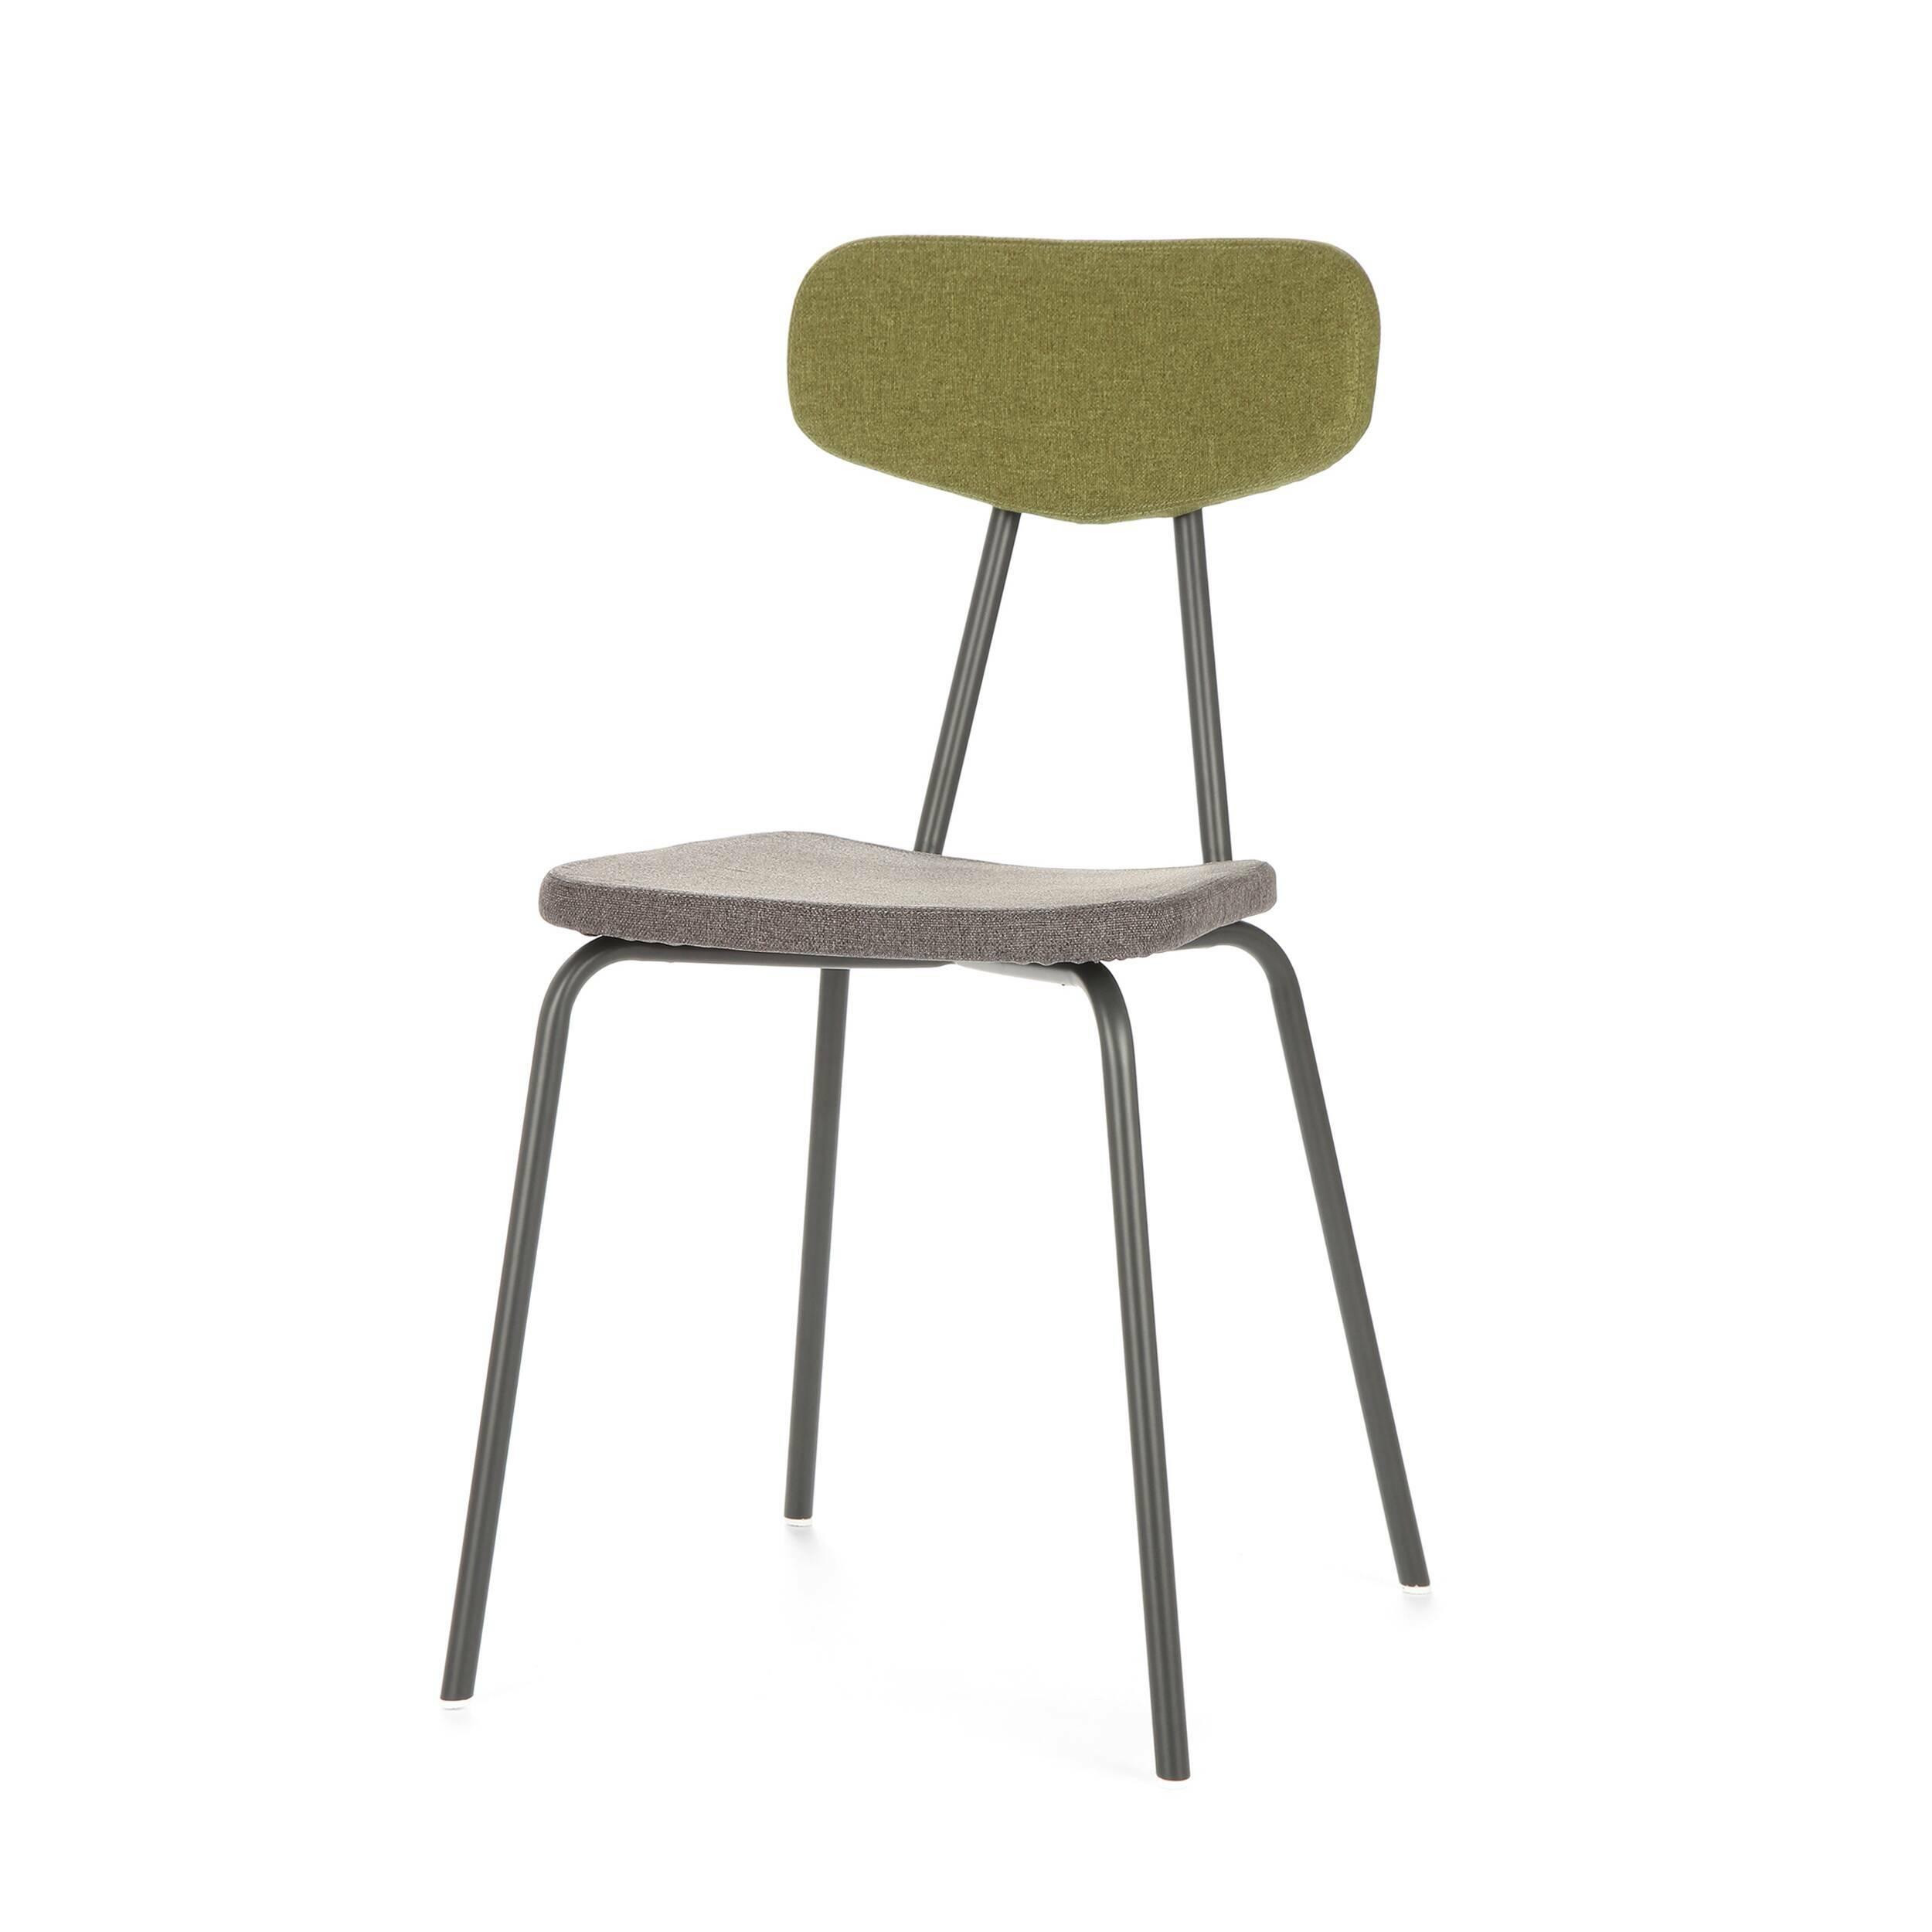 Стул Pavesino 2Интерьерные<br>Простой, классической формы стул Pavesino 2 словно создан дополнять уже готовый интерьер, оттенять его своими строгими, элегантными линиями и формой. Это добротный, универсальный стул, который благодаря отсутствию излишних деталей и декора легко впишется практически в любой тип помещения. Однако итальянский дизайнер Сильвия Марлия все же придала ему свою особенную изюминку — стул обладает очень красивым сочетанием цветов и материалов.<br><br><br> Каркас стула изготовлен из прочной стали темног...<br><br>stock: 16<br>Высота: 81,5<br>Высота сиденья: 47<br>Ширина: 46,5<br>Глубина: 57<br>Цвет спинки: Зеленый<br>Материал спинки: Полиэстер<br>Тип материала каркаса: Сталь<br>Материал сидения: Полиэстер<br>Цвет сидения: Графит<br>Тип материала спинки: Ткань<br>Тип материала сидения: Ткань<br>Коллекция ткани: Gabriel Fabric<br>Цвет каркаса: Темно-серый матовый